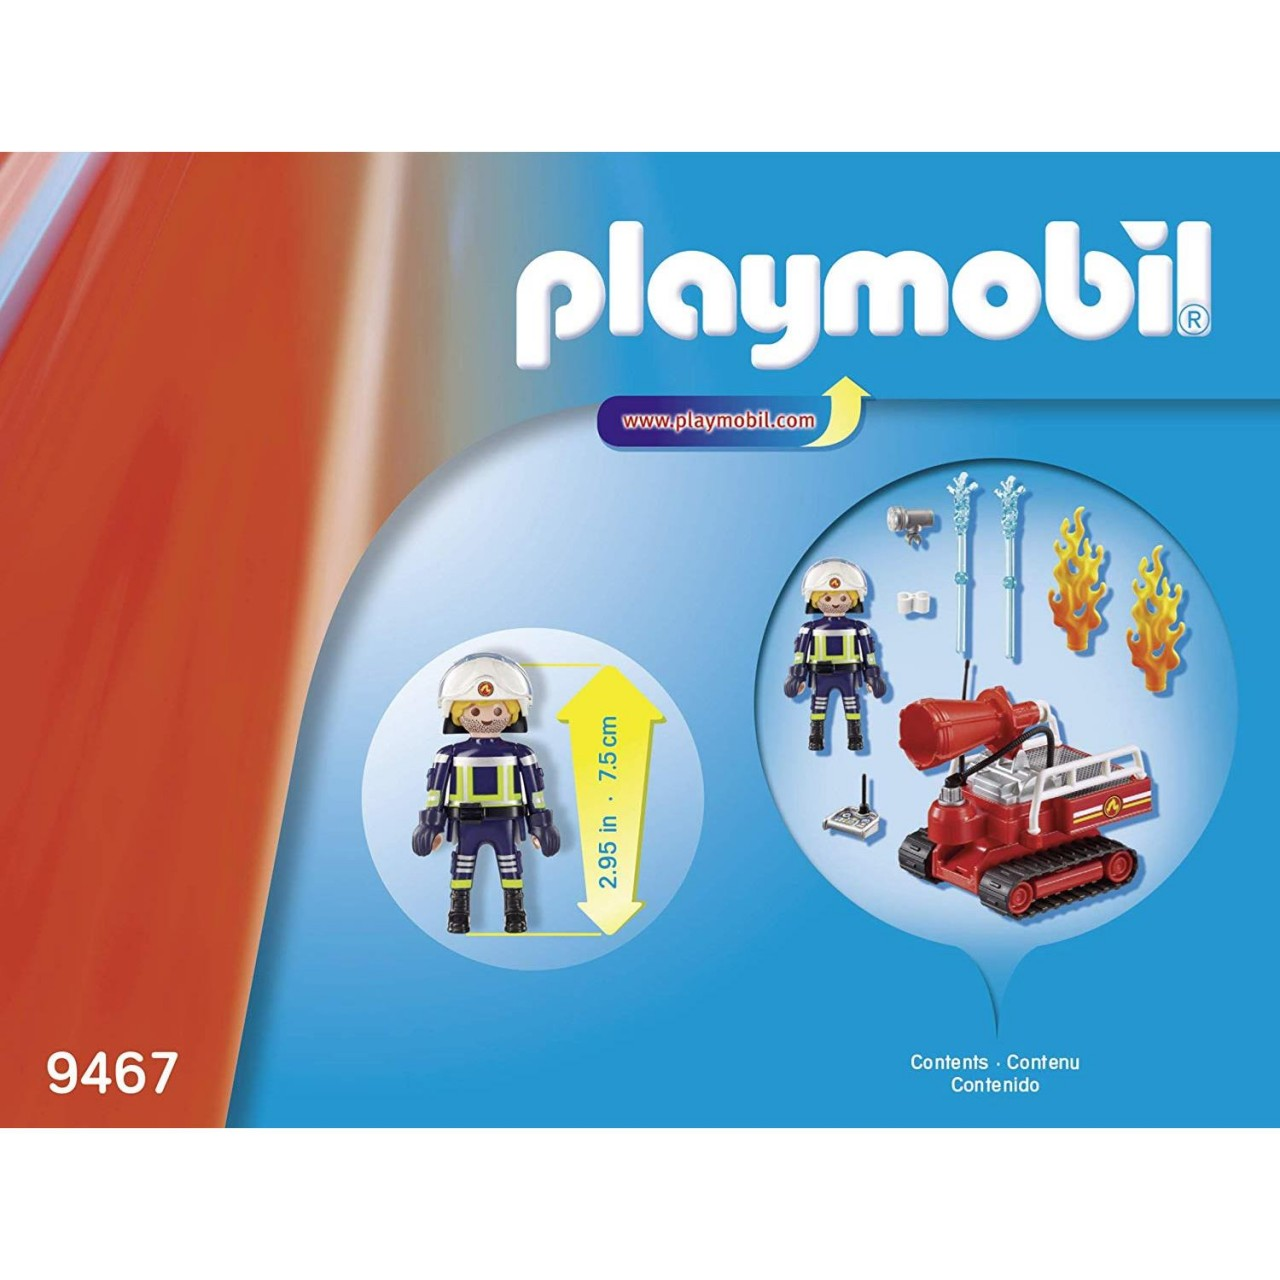 Playmobil 9467 Feuerwehr-Löschroboter